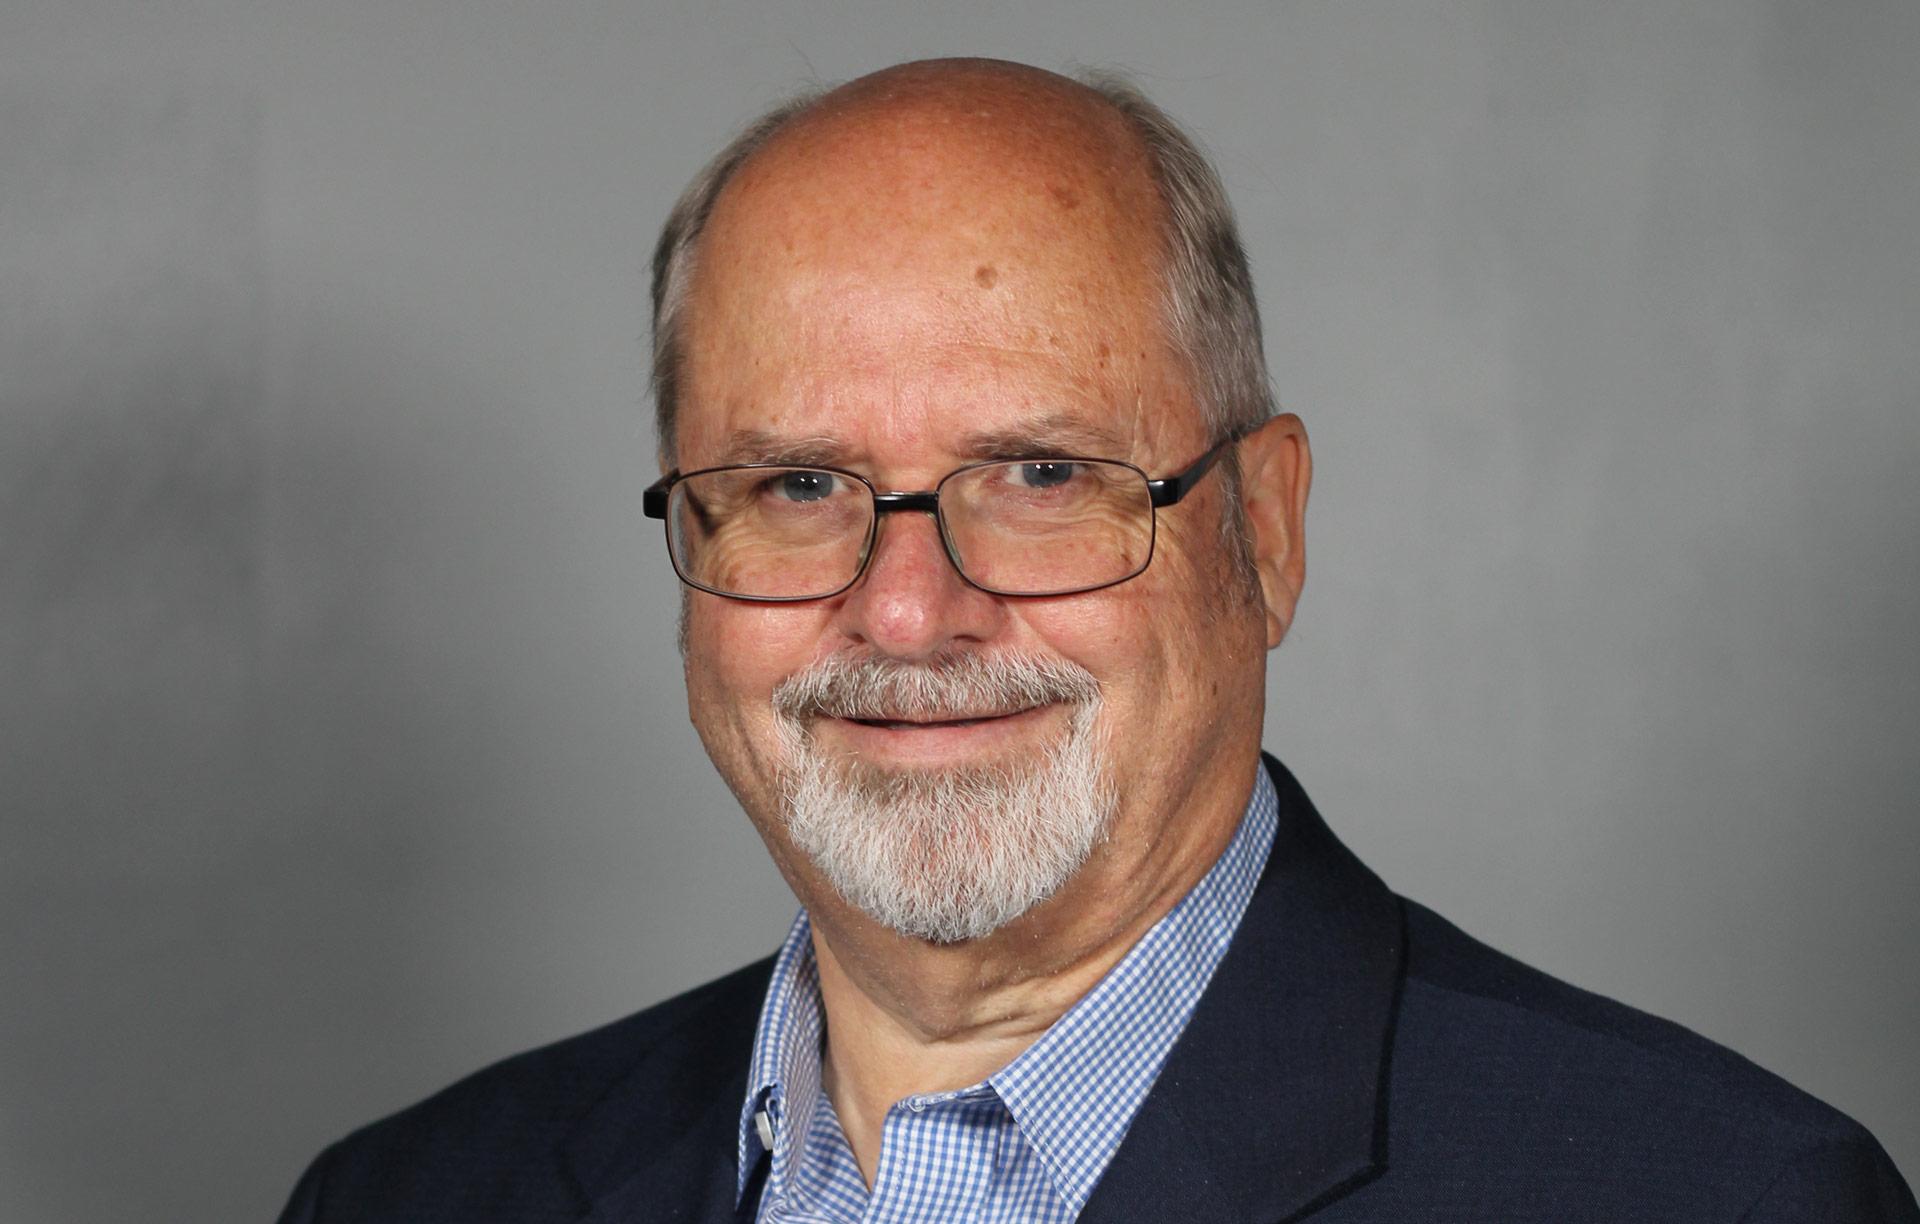 DR. JEFFREY A. BELL